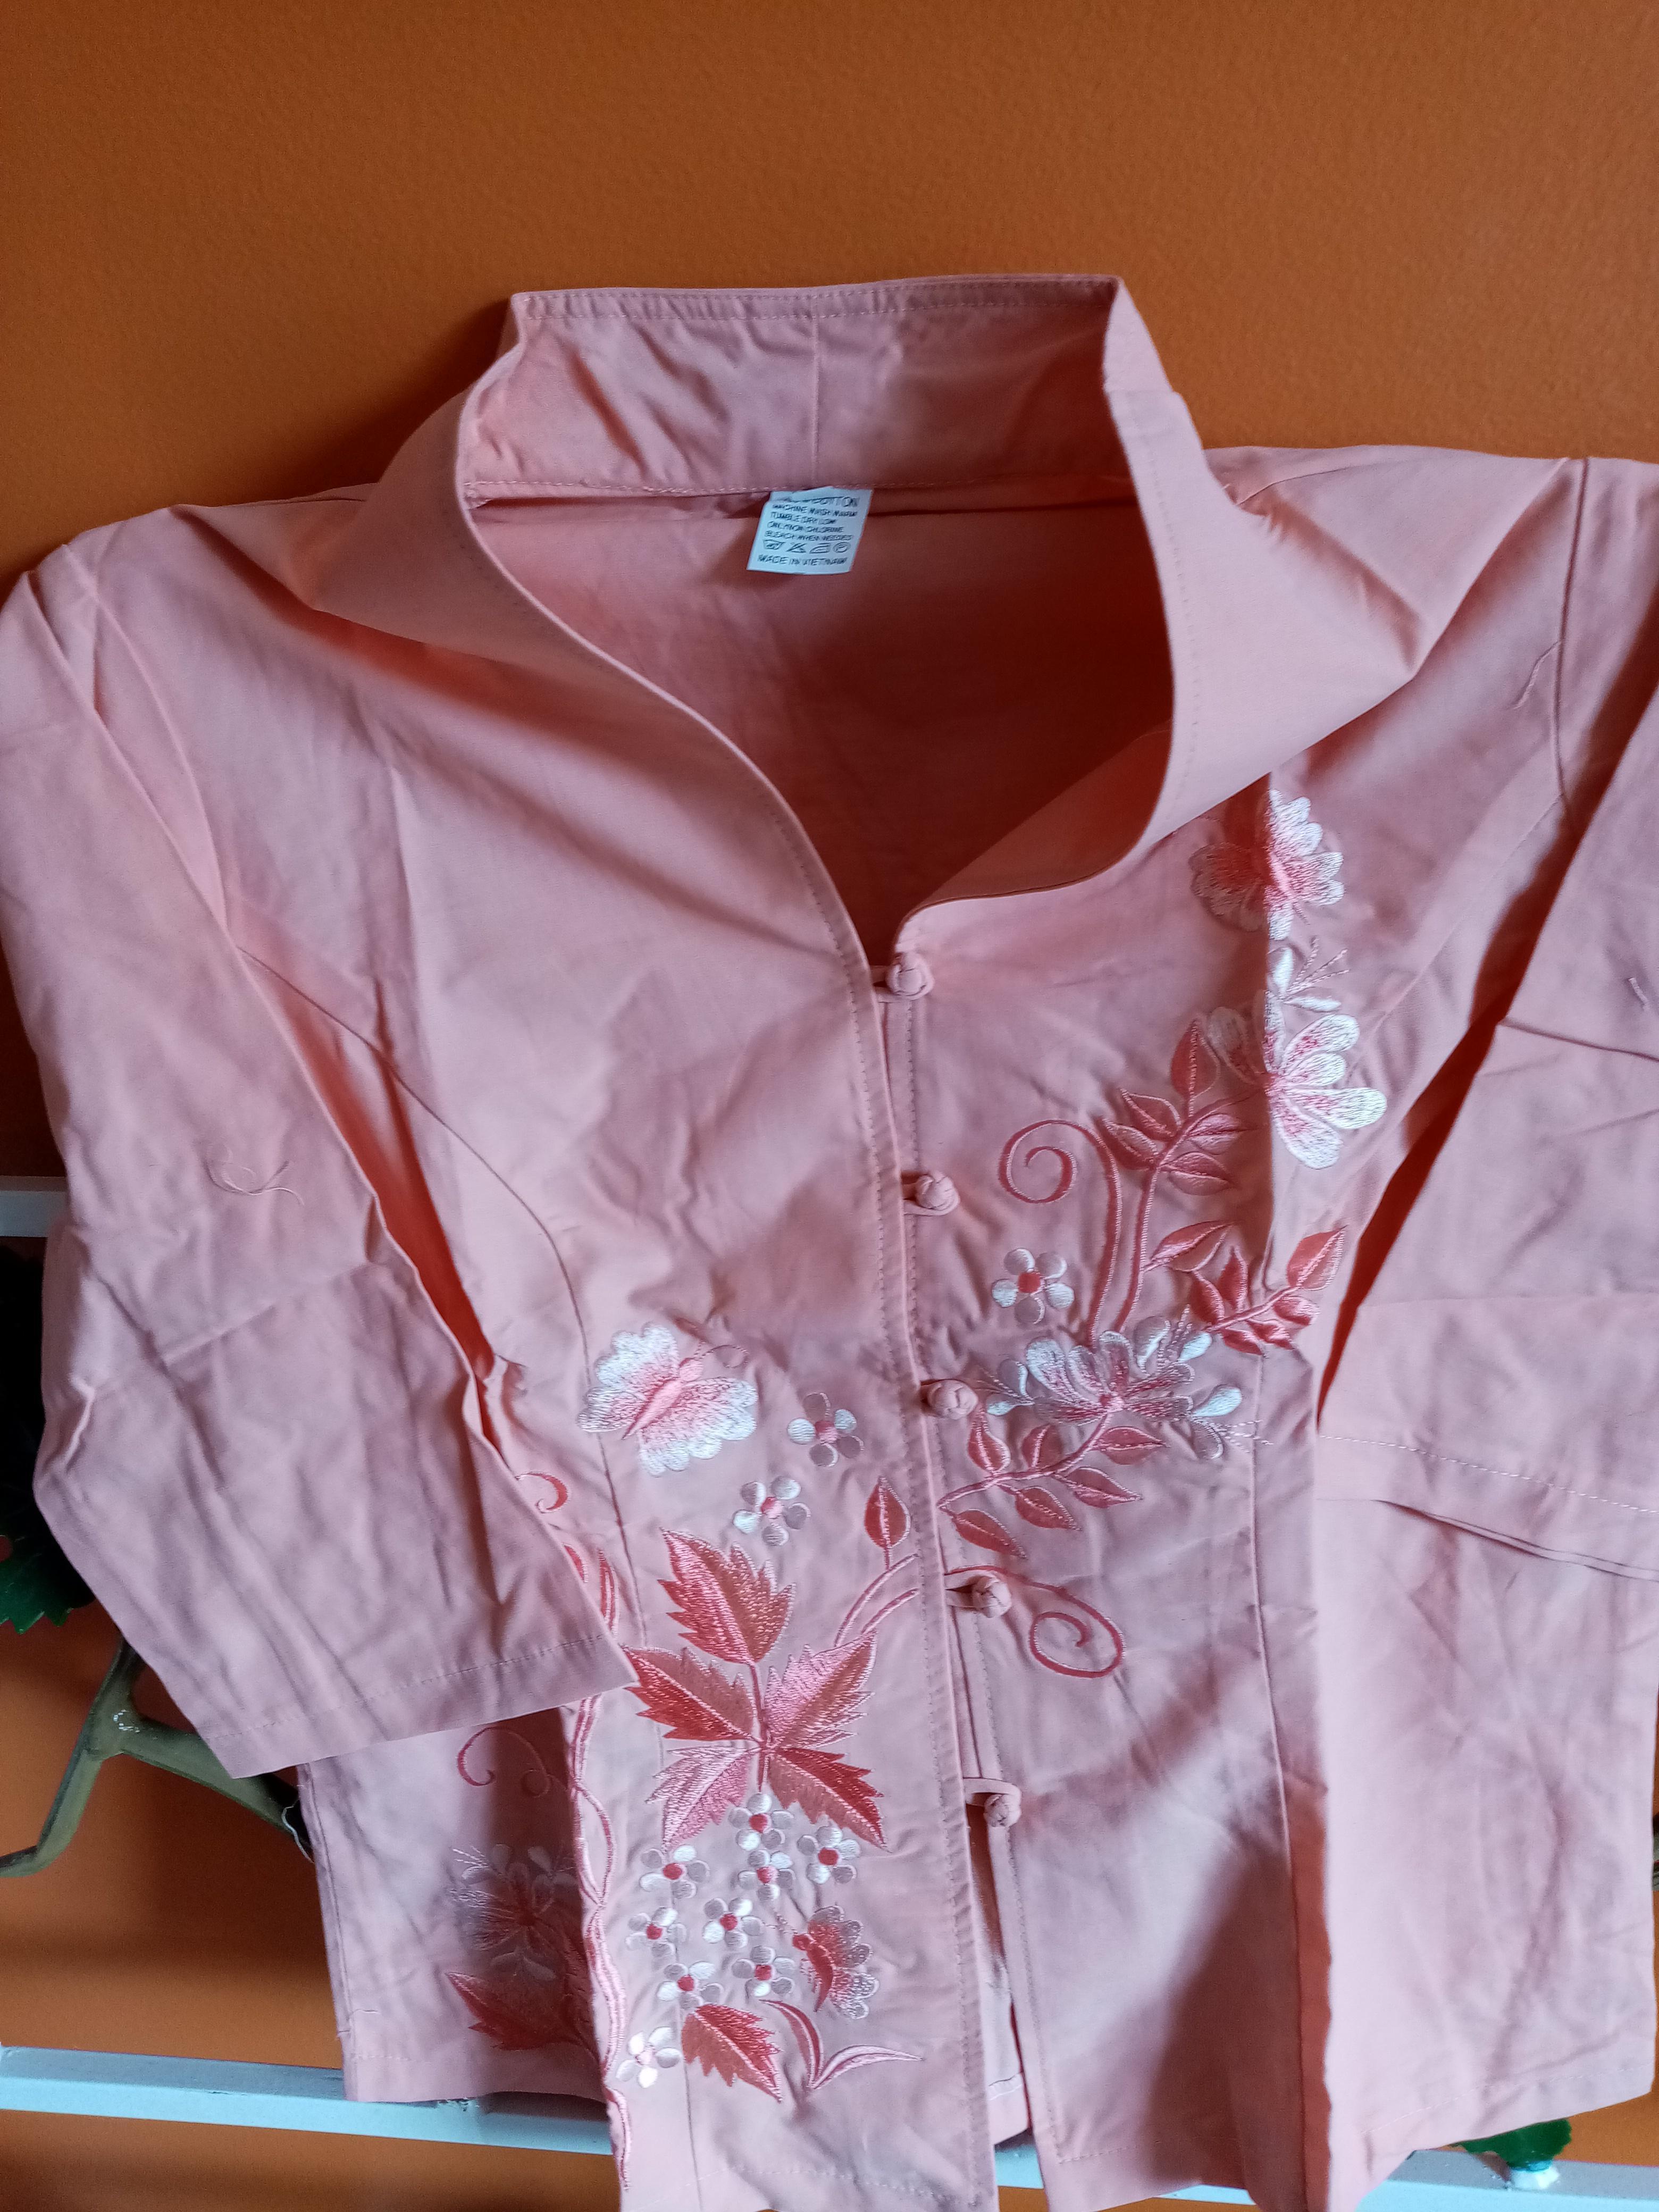 troc de troc blouse en cotton image 2